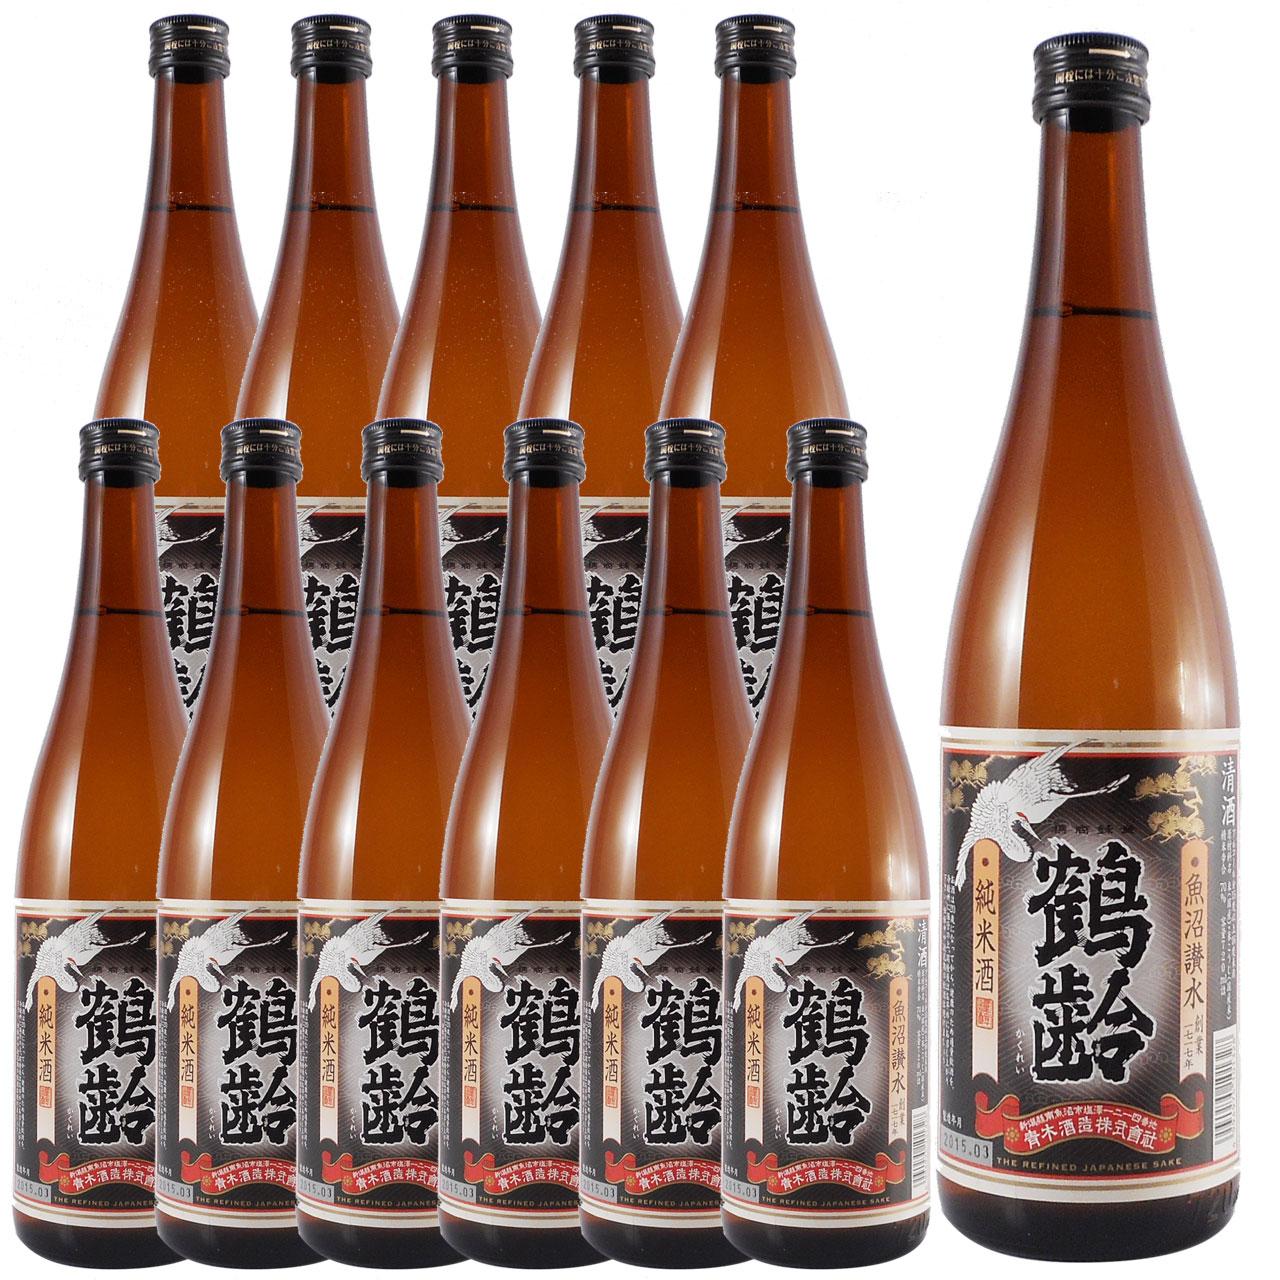 父の日 プレゼント ギフト 鶴齢(かくれい) 純米 720ml 12本ケース販売 新潟県 青木酒造 日本酒 代引き手数料無料 ラッキーシール対応